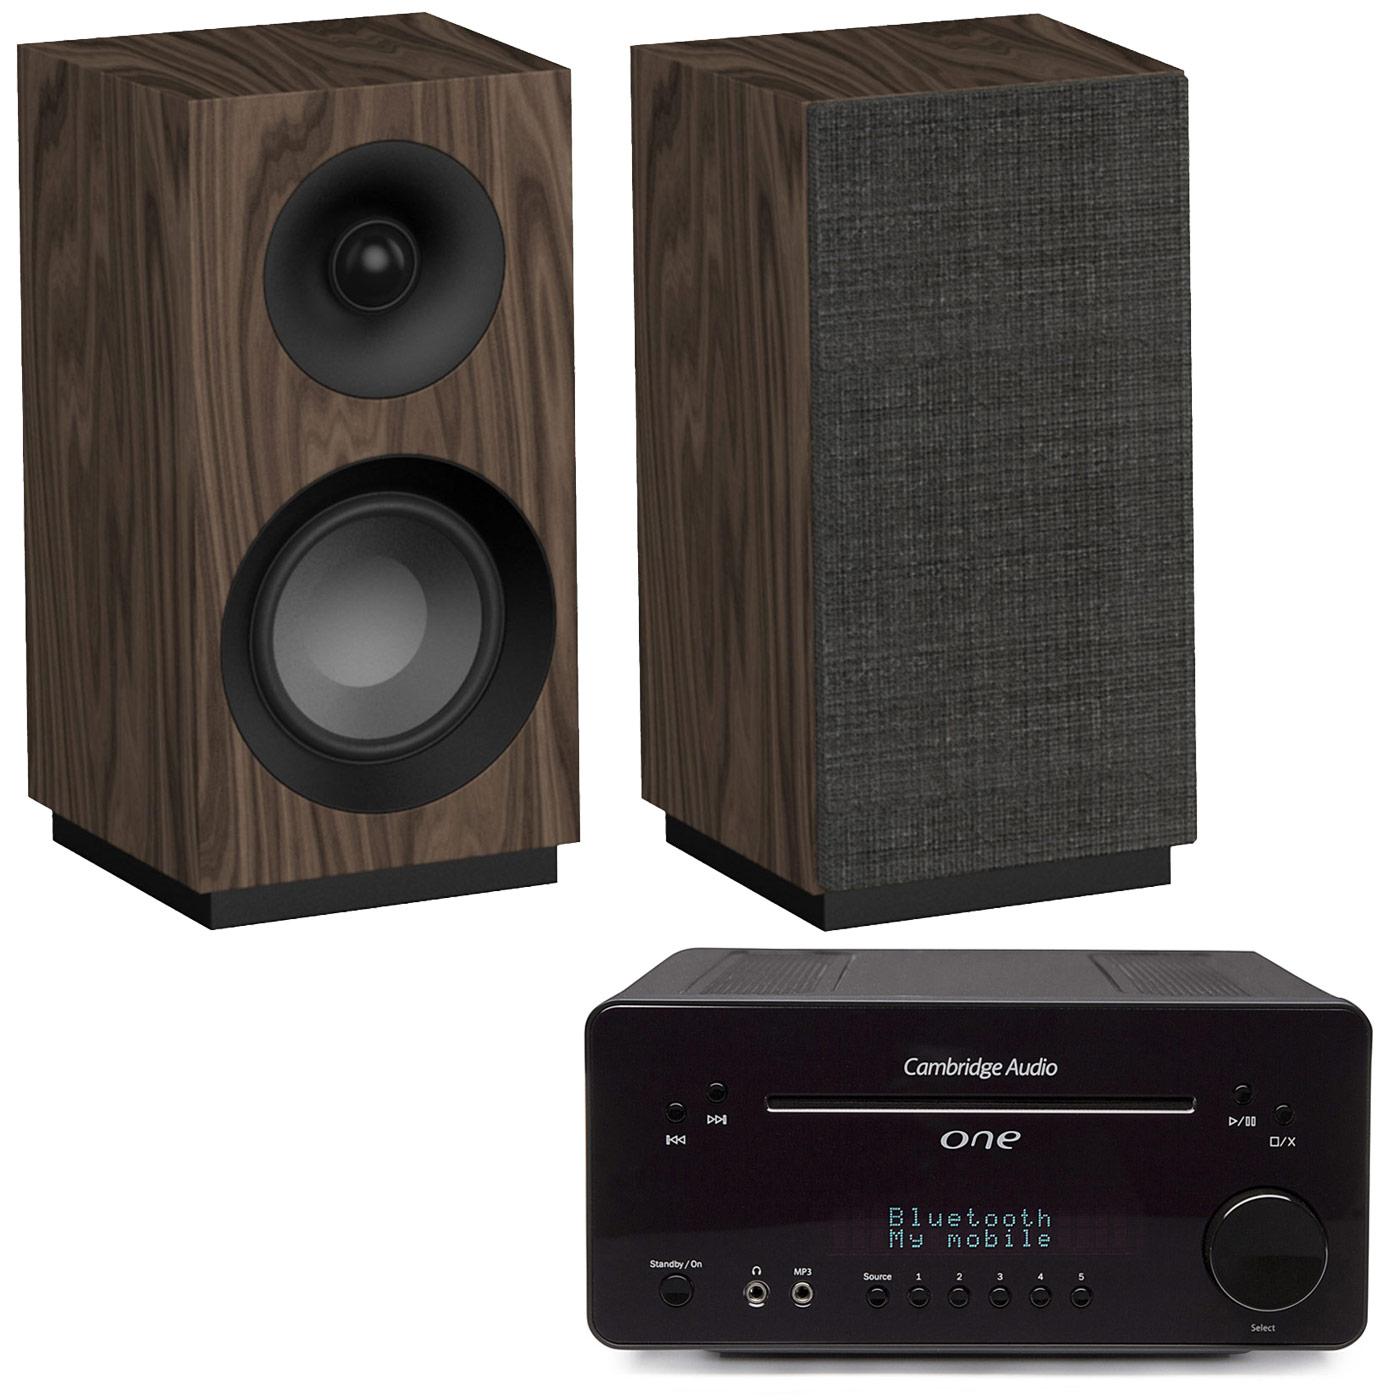 Ensemble Hifi Cambridge One Noir + Jamo S 801 Noyer Ampli-tuner 2 x 30 Watts - Lecteur CD/MP3 - Tuner FM/DAB+ - Bluetooth - DAC Wolfson 24bits/96kHz + Enceinte bibliothèque compacte (par paire)